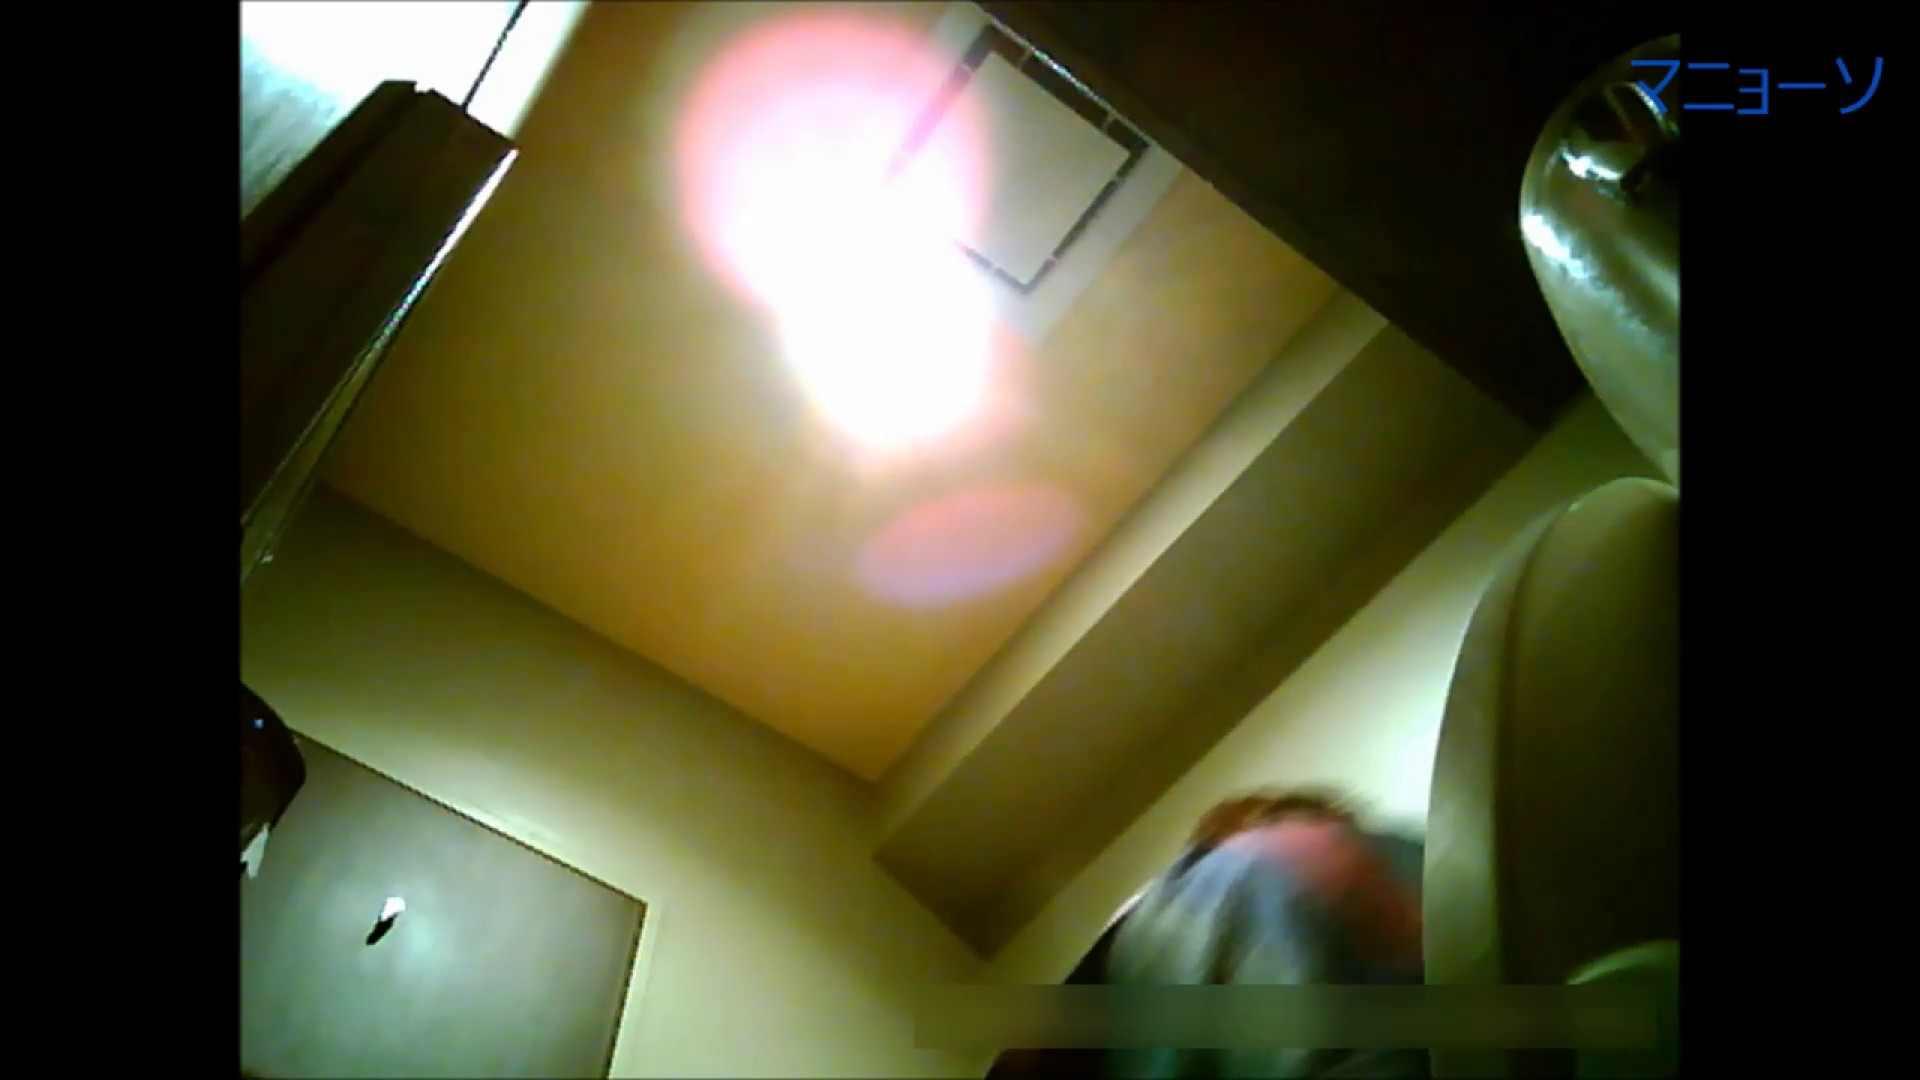 トイレでひと肌脱いでもらいました (JD編)Vol.02 トイレ  80pic 60